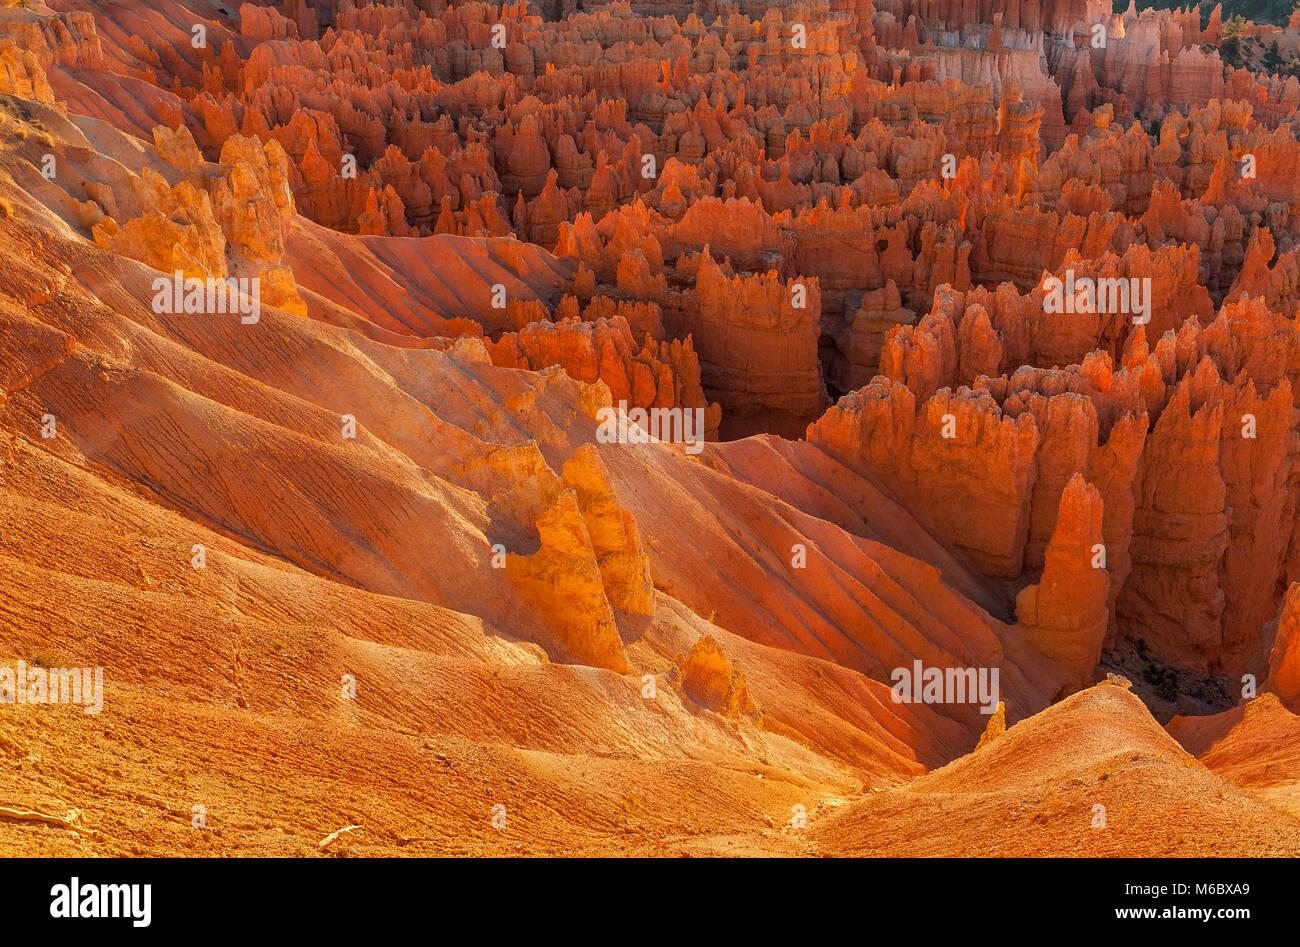 Hoodoos, die Wall Street, Bryce Canyon National Park, Utah Stockbild